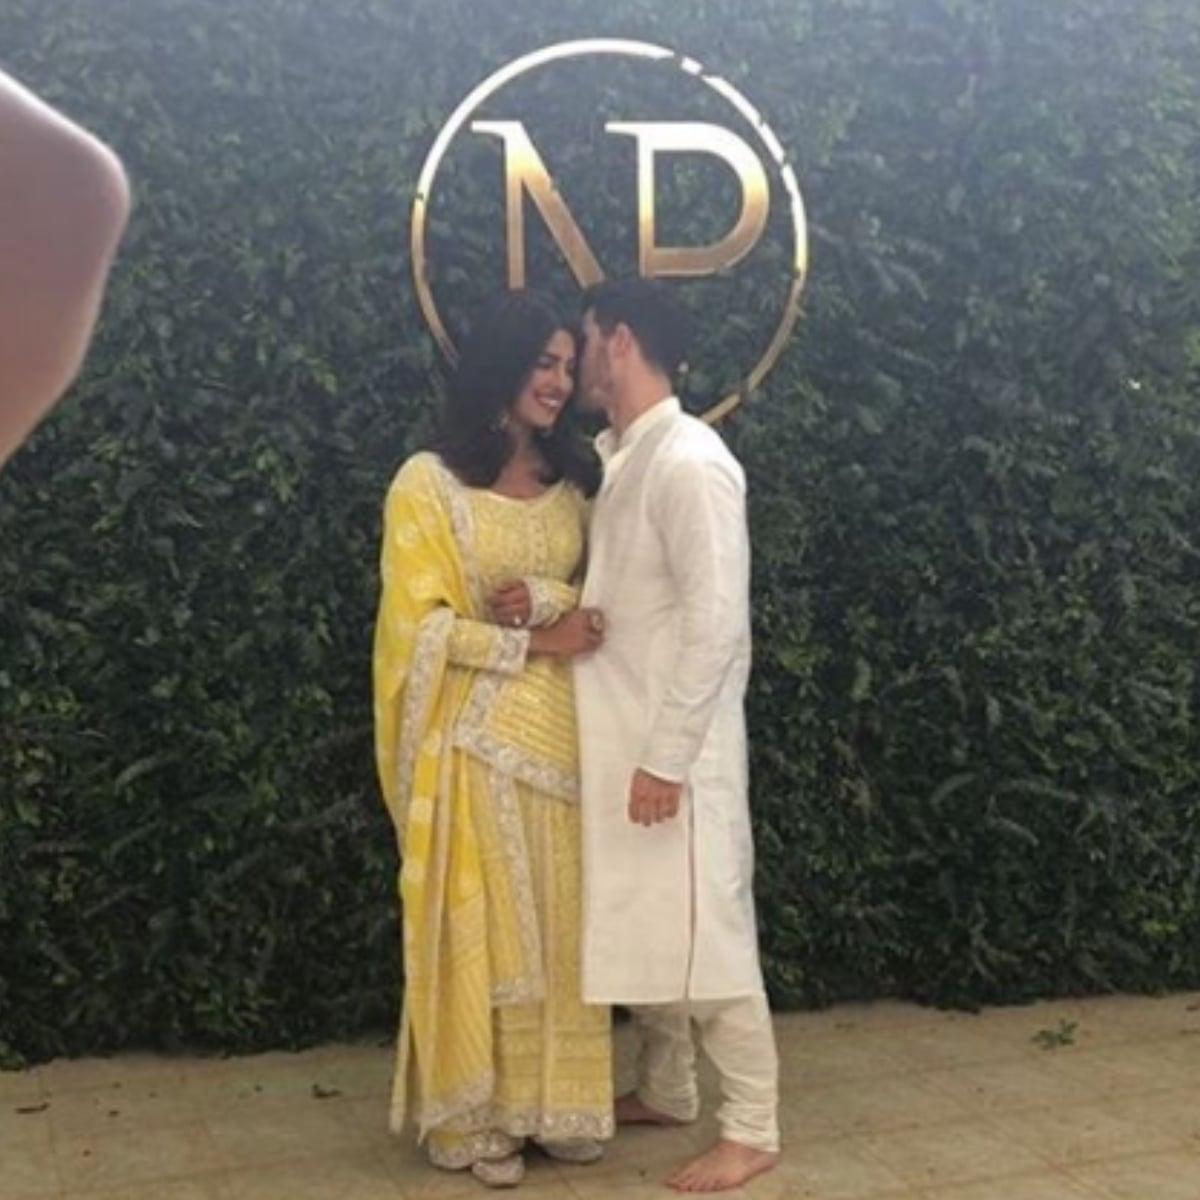 پریانکا نے 18 اگست کو امریکی گلوکار سے منگنی کی تھی —فوٹو: انسٹاگرام